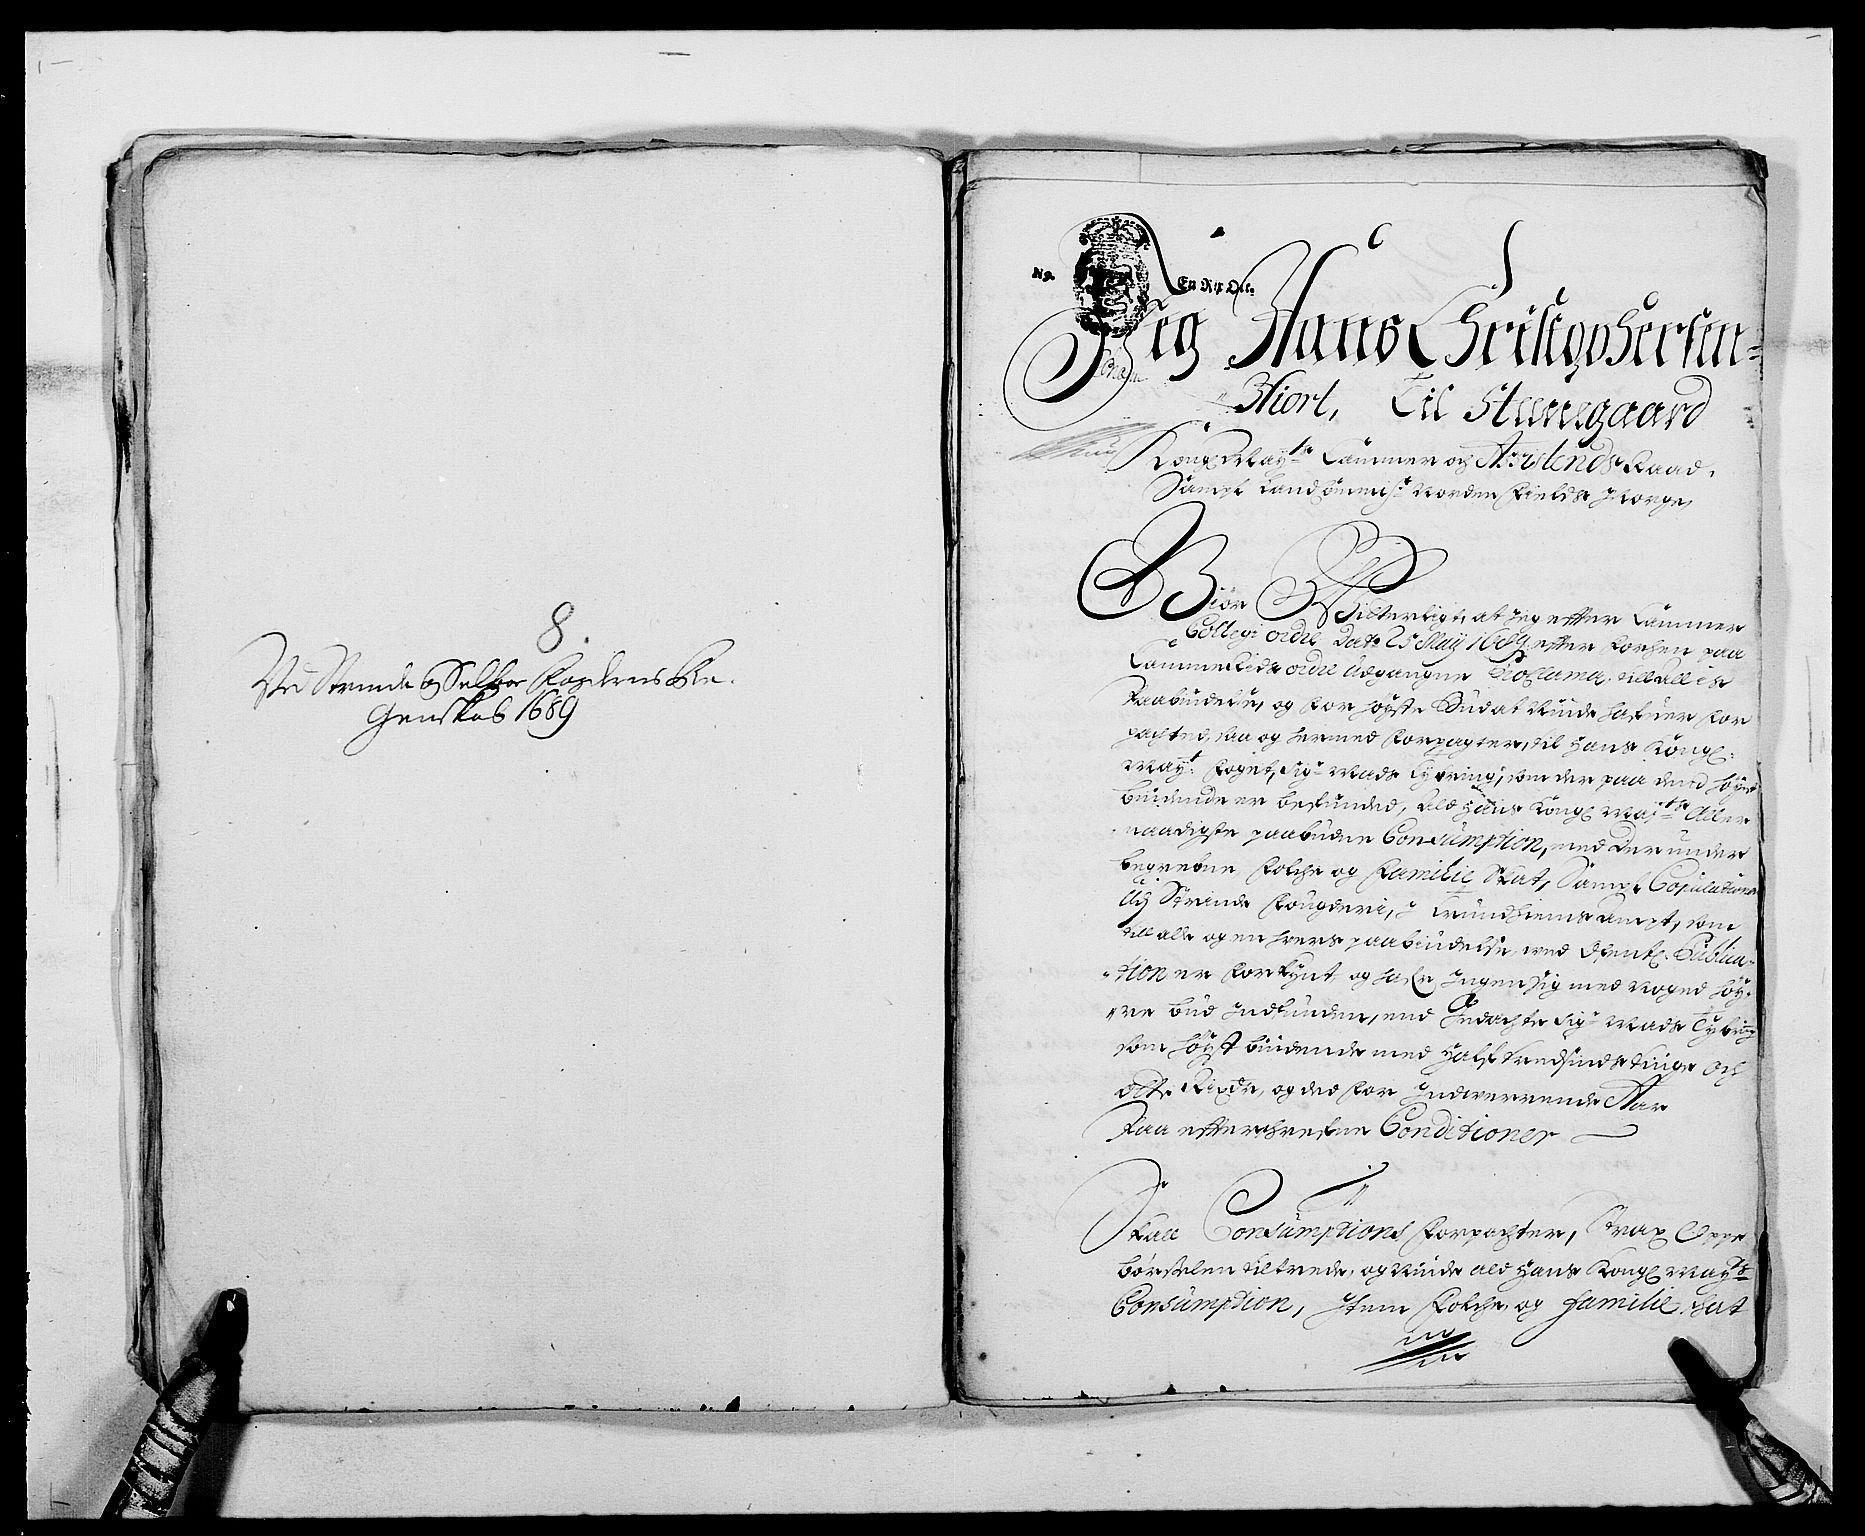 RA, Rentekammeret inntil 1814, Reviderte regnskaper, Fogderegnskap, R61/L4102: Fogderegnskap Strinda og Selbu, 1689-1690, s. 57